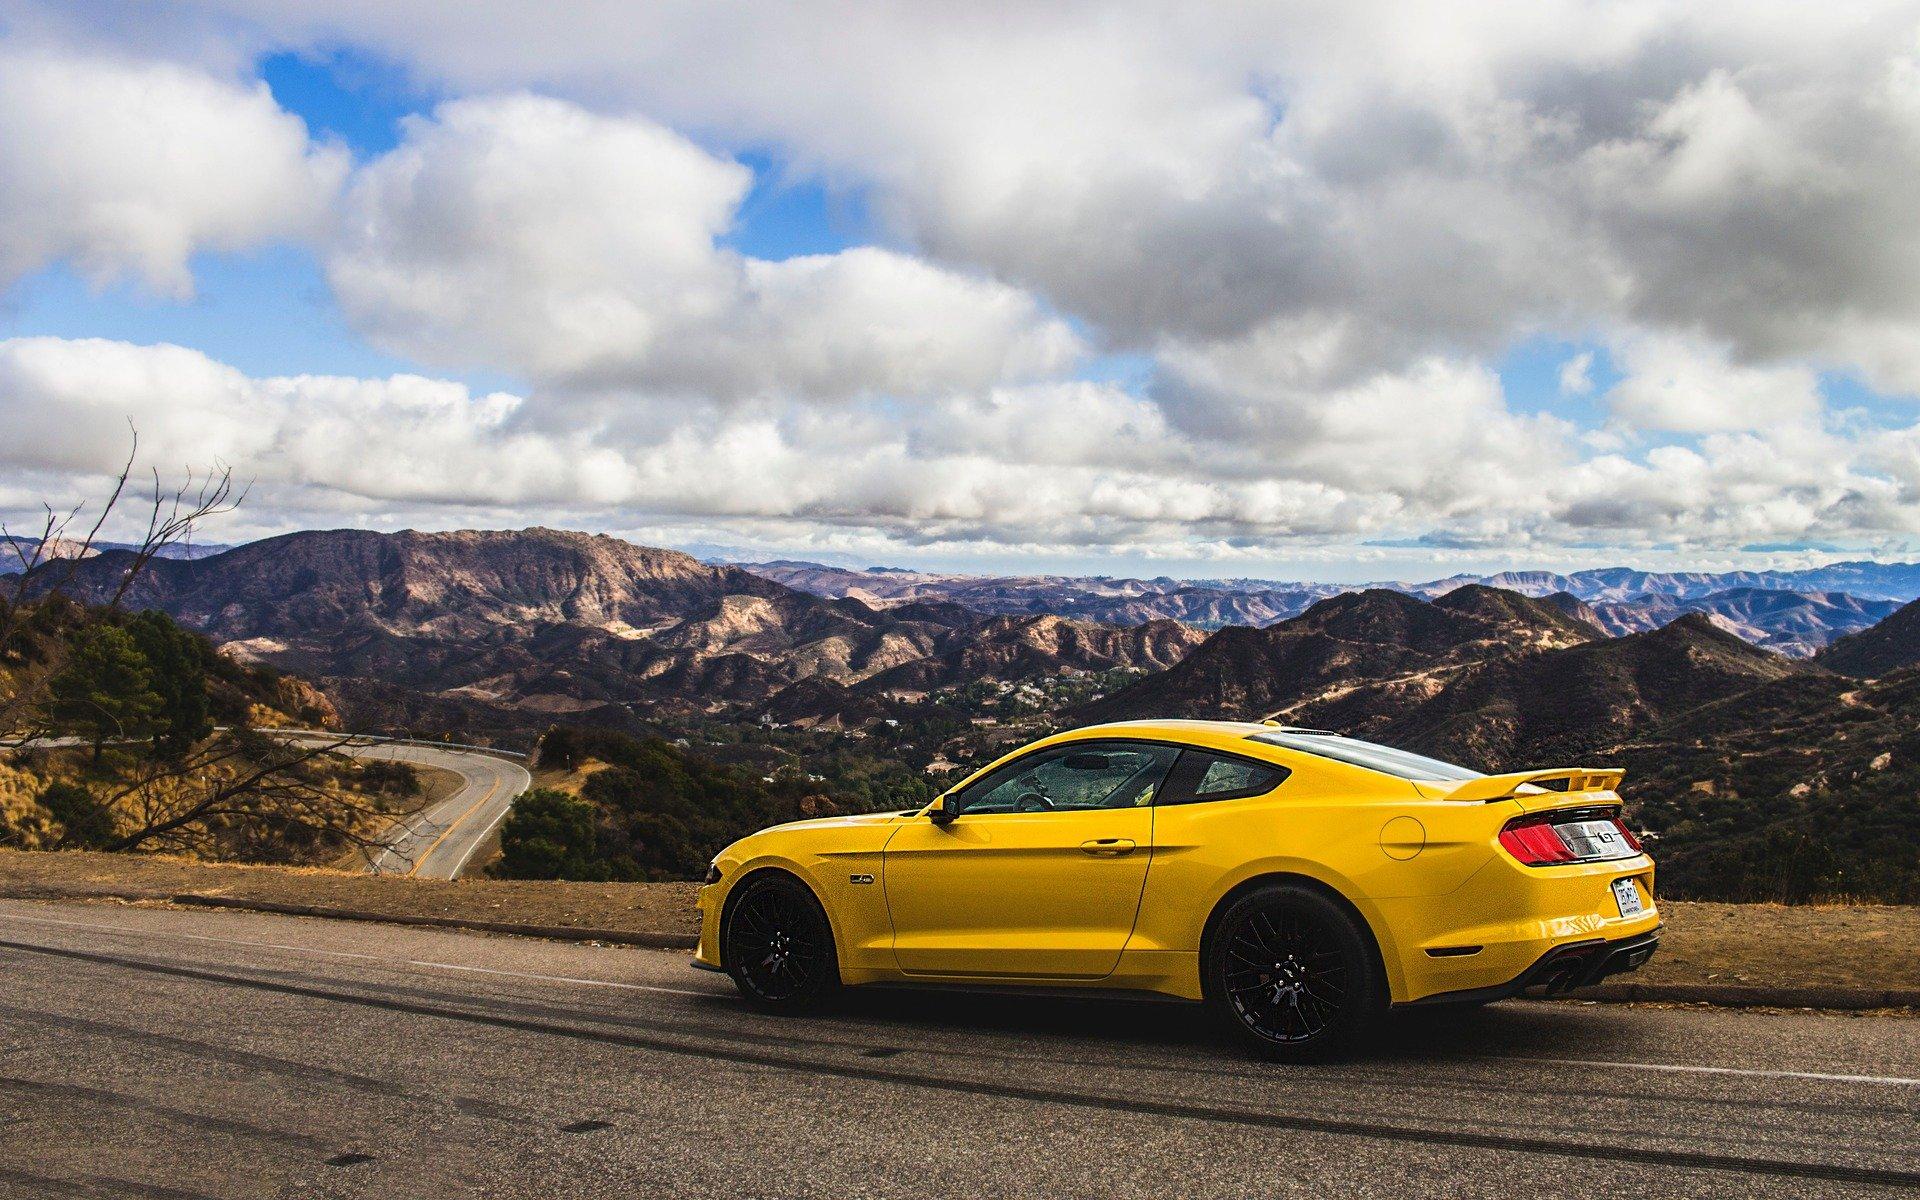 Опубликовано рекламное видео сновым Ford Mustang 2018 class=